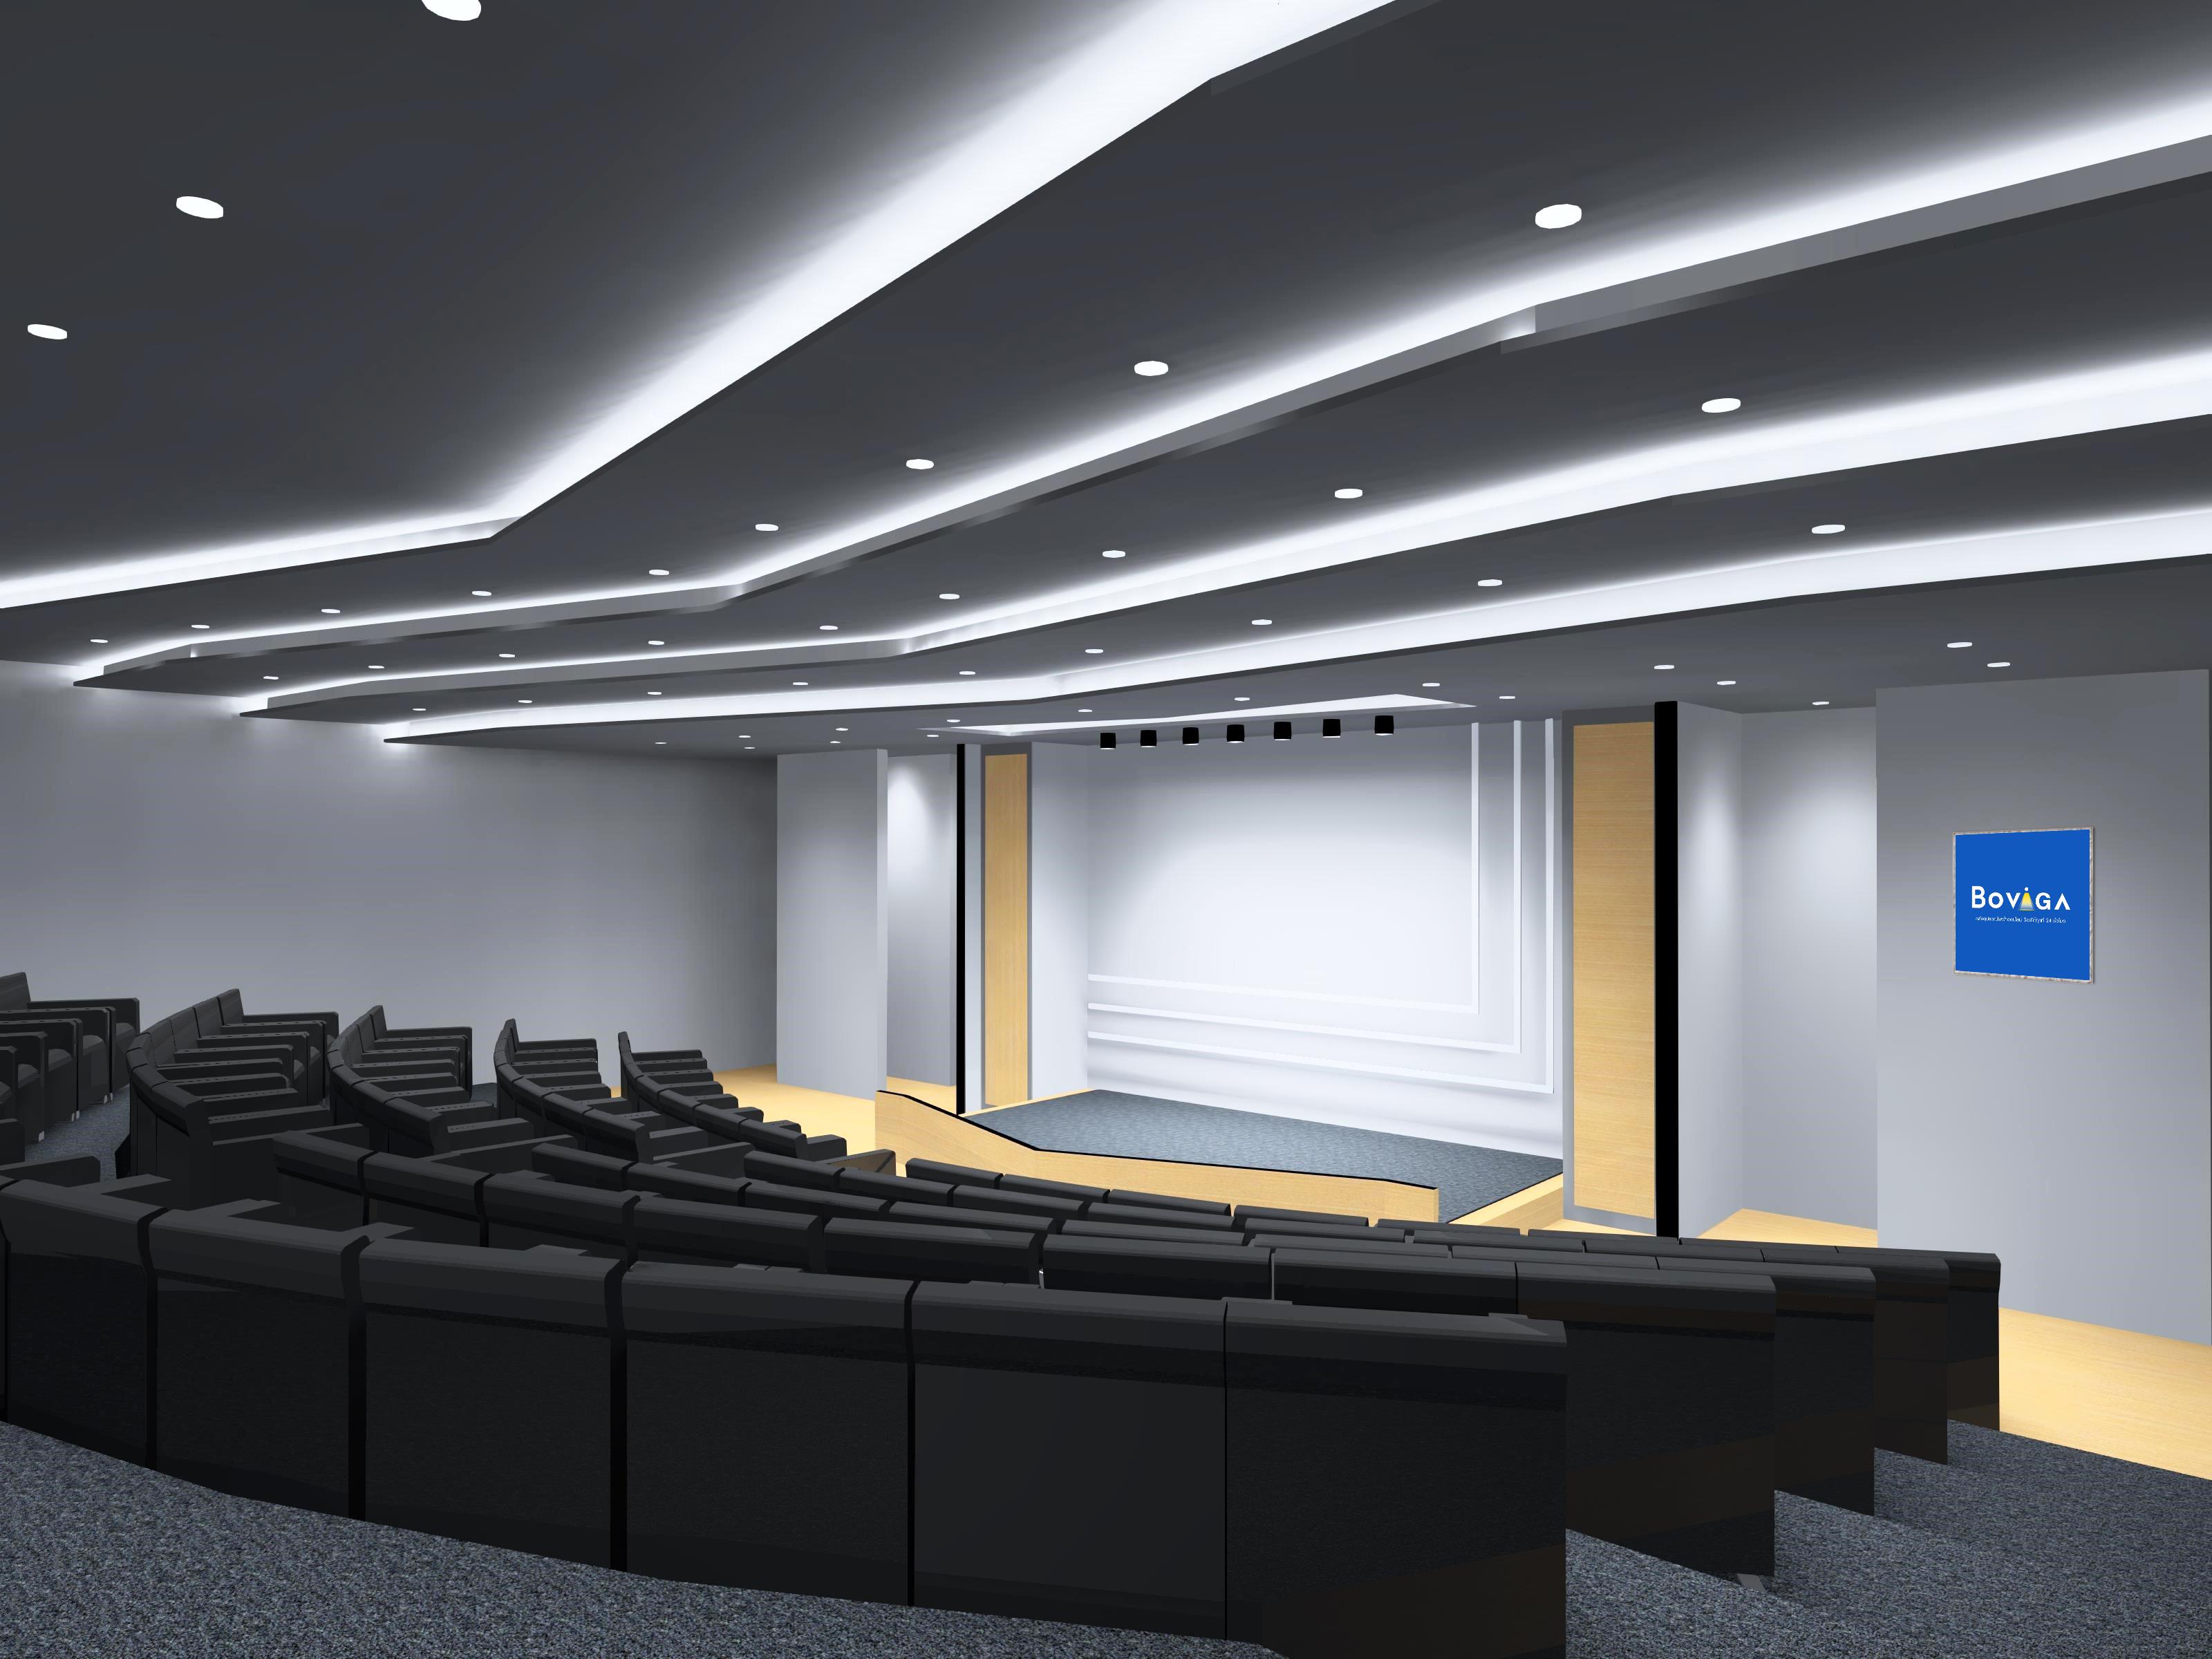 ตัวอย่างการติดตั้งโคมไฟห้องประชุม ด้วยชุดโคมไฟจาก BOX BRIGHT ให้ห้องสว่างสวยงาม